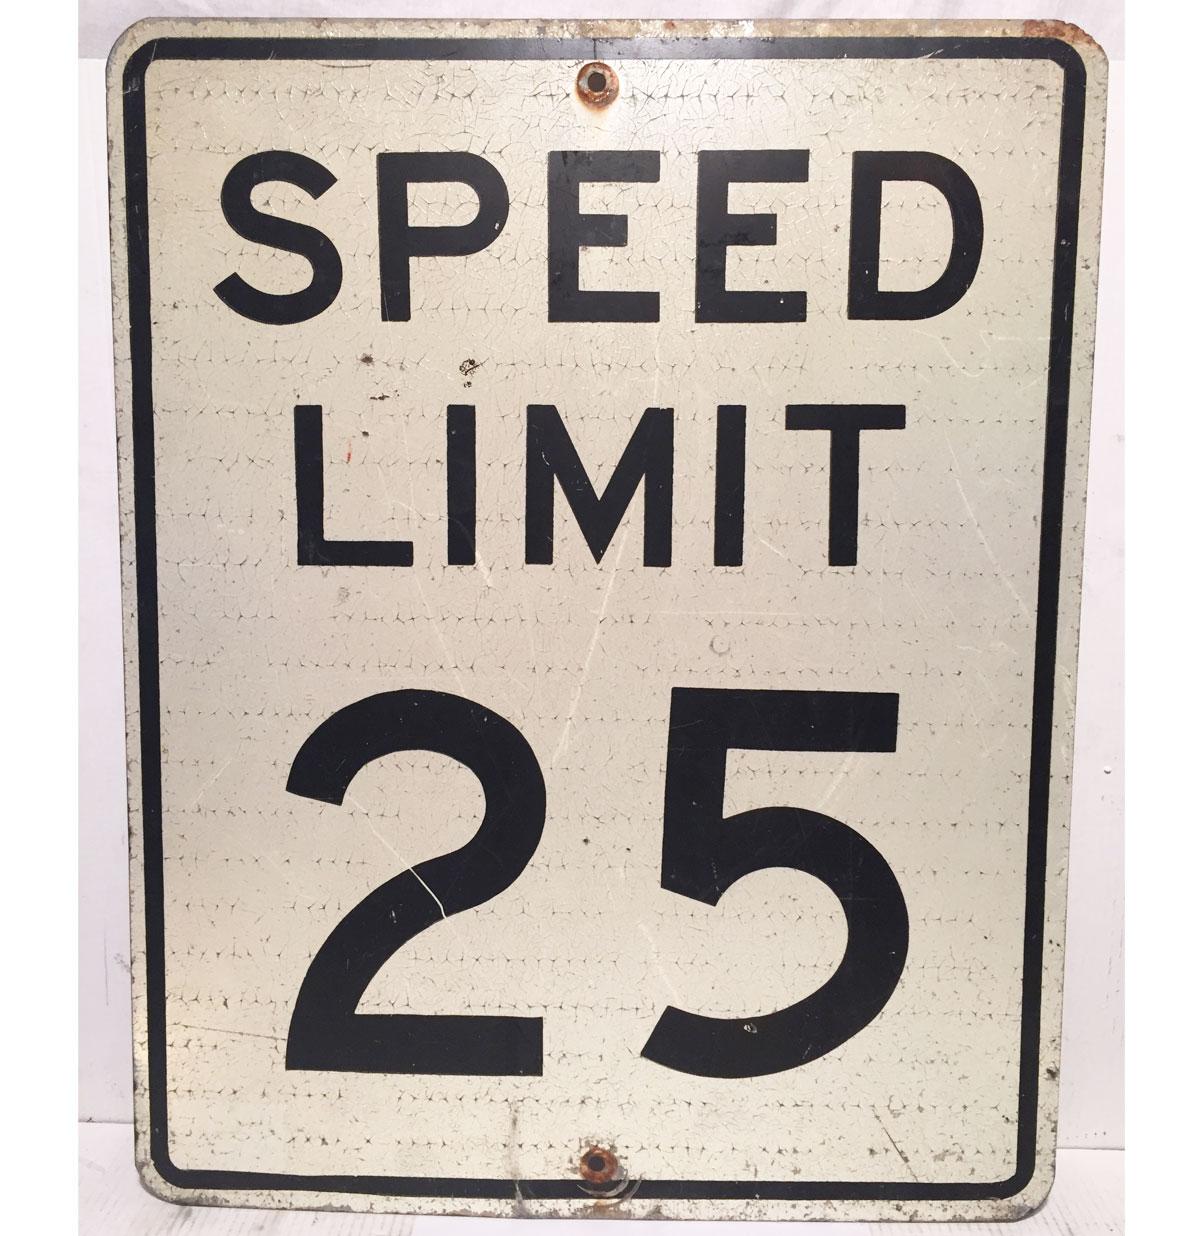 Speed Limit 25 Straatbord - Origineel (Zwaar Metaal)